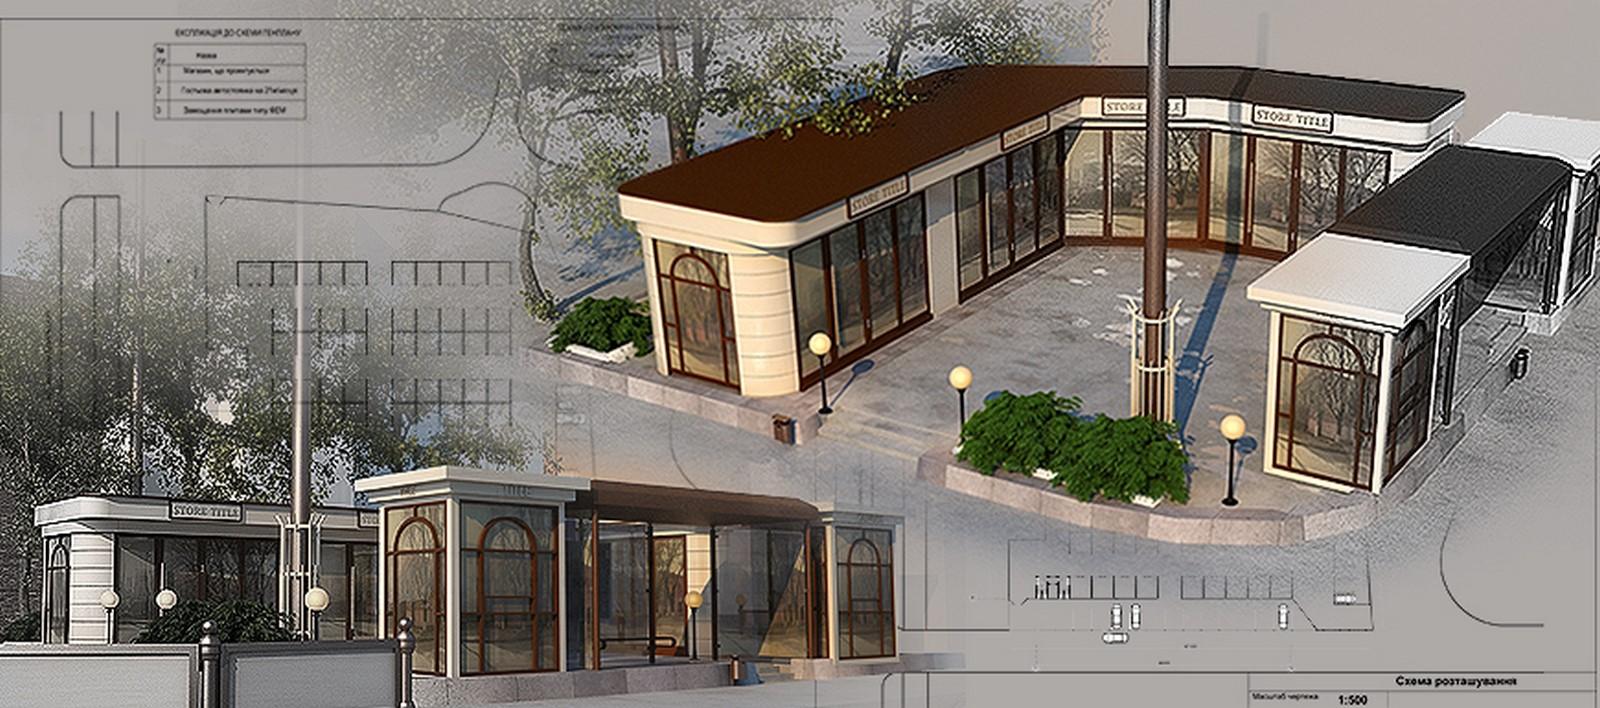 Architects in Kharkiv - Top 35 Architects in Kharkiv - Sheet7